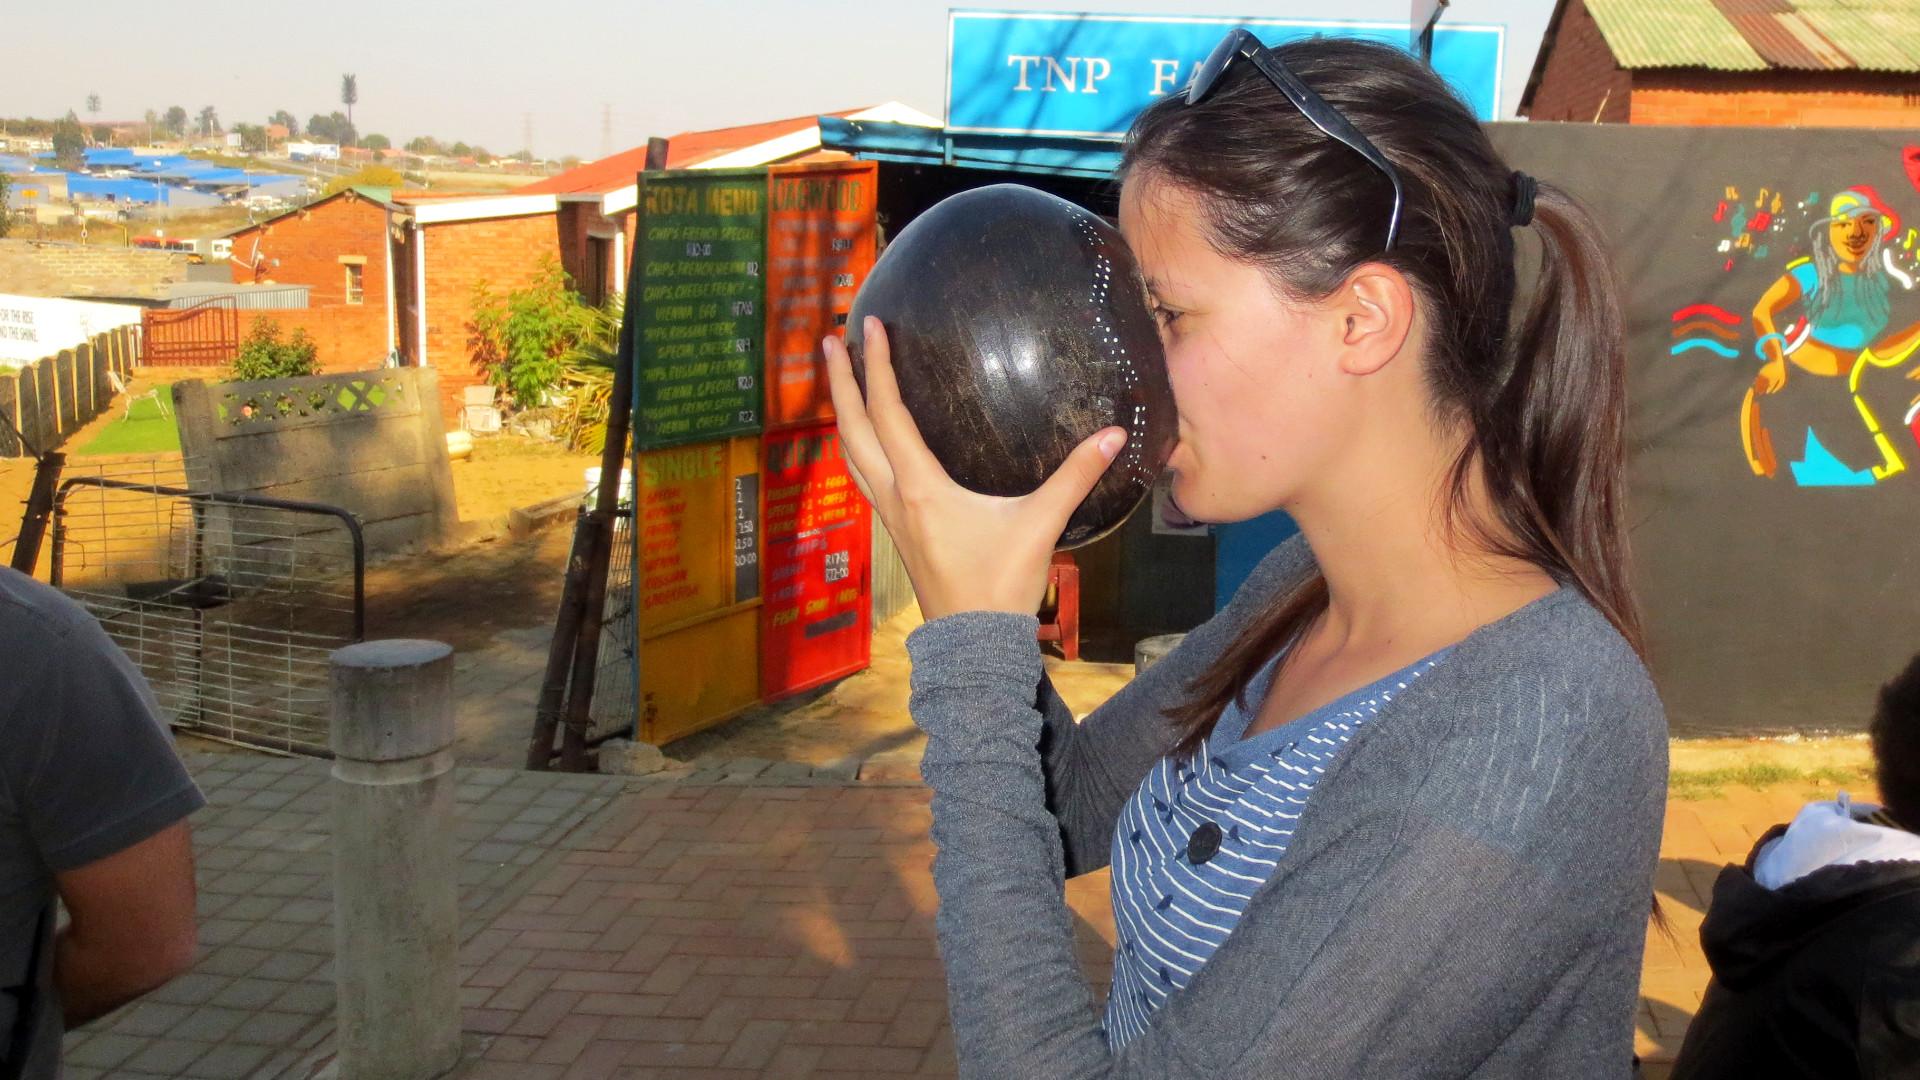 Bier trinken in Soweto (Foto: Sabina Schneider)